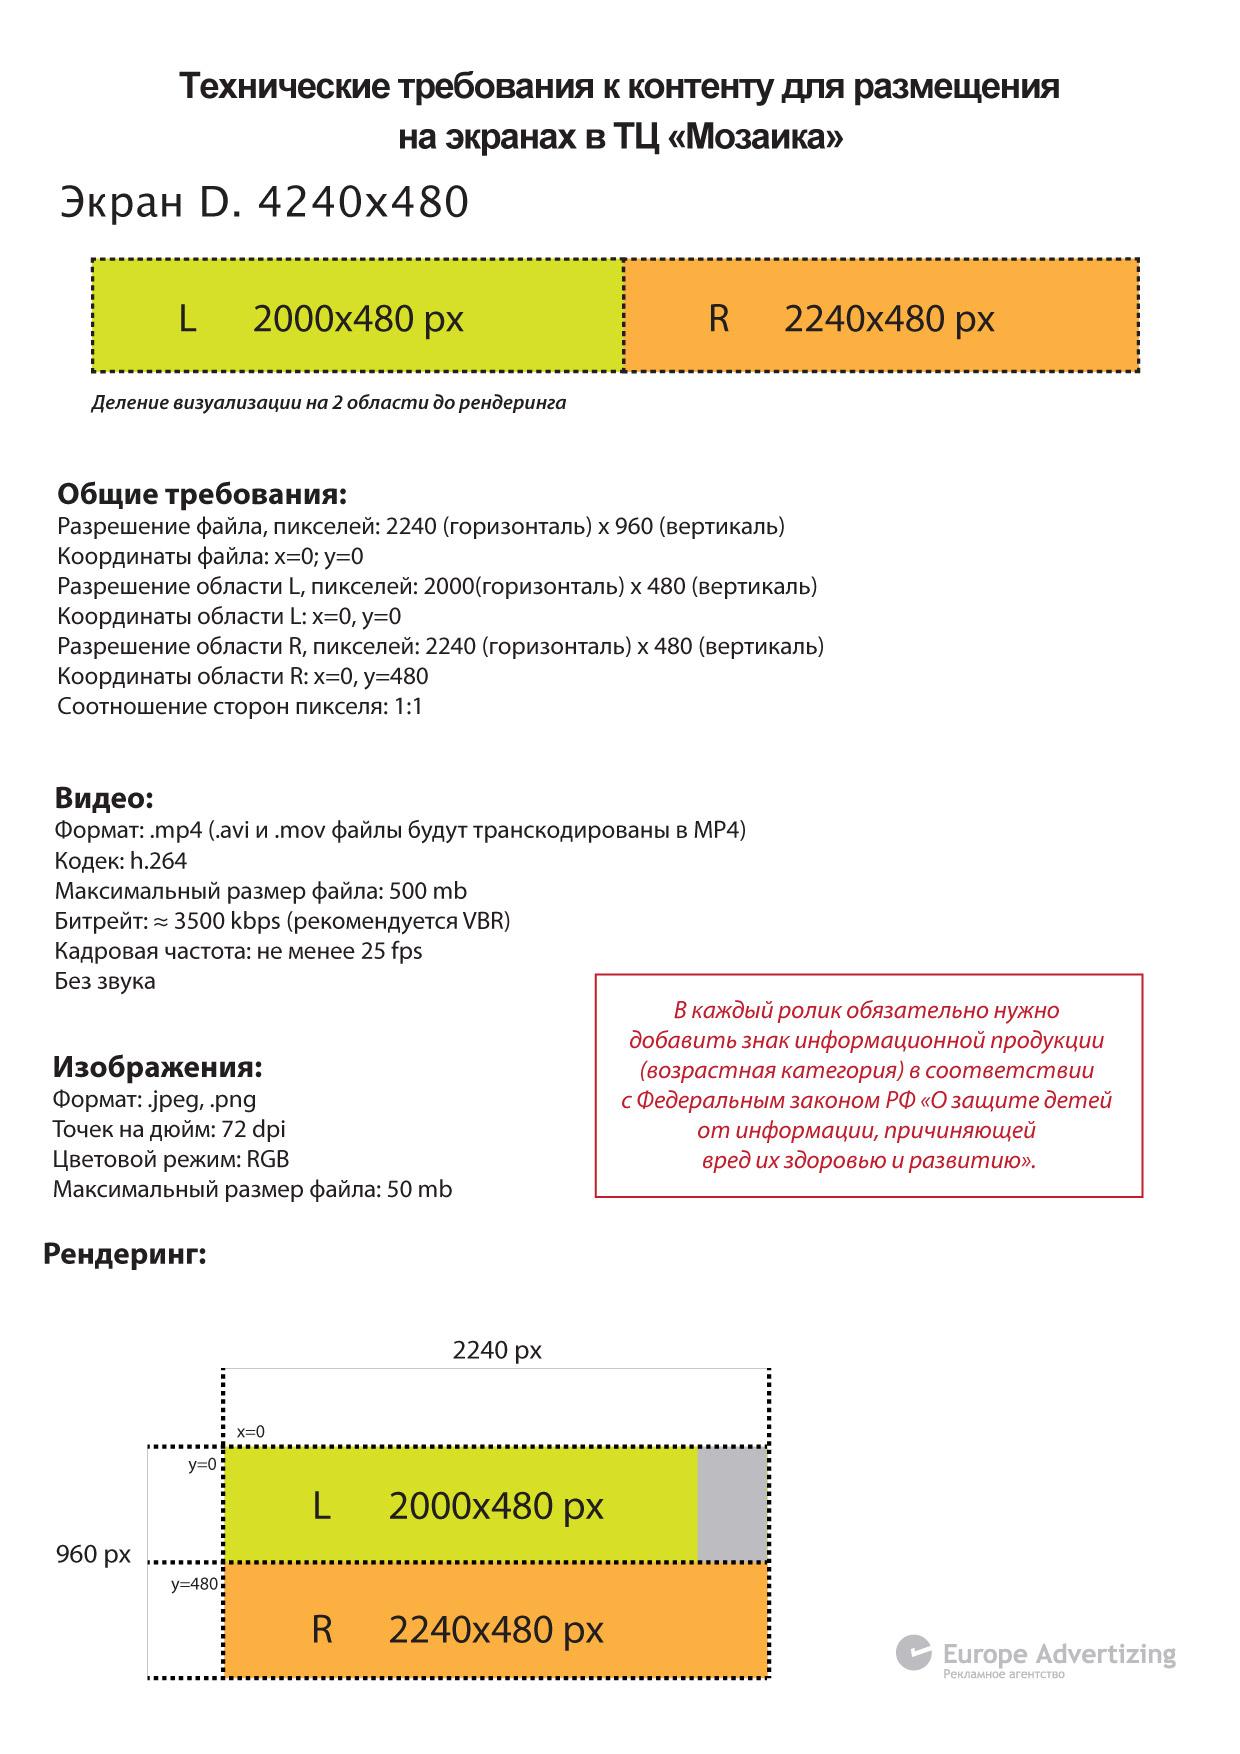 Технические требования к контенту для размещения на экранах в ТЦ -Мозаика-D